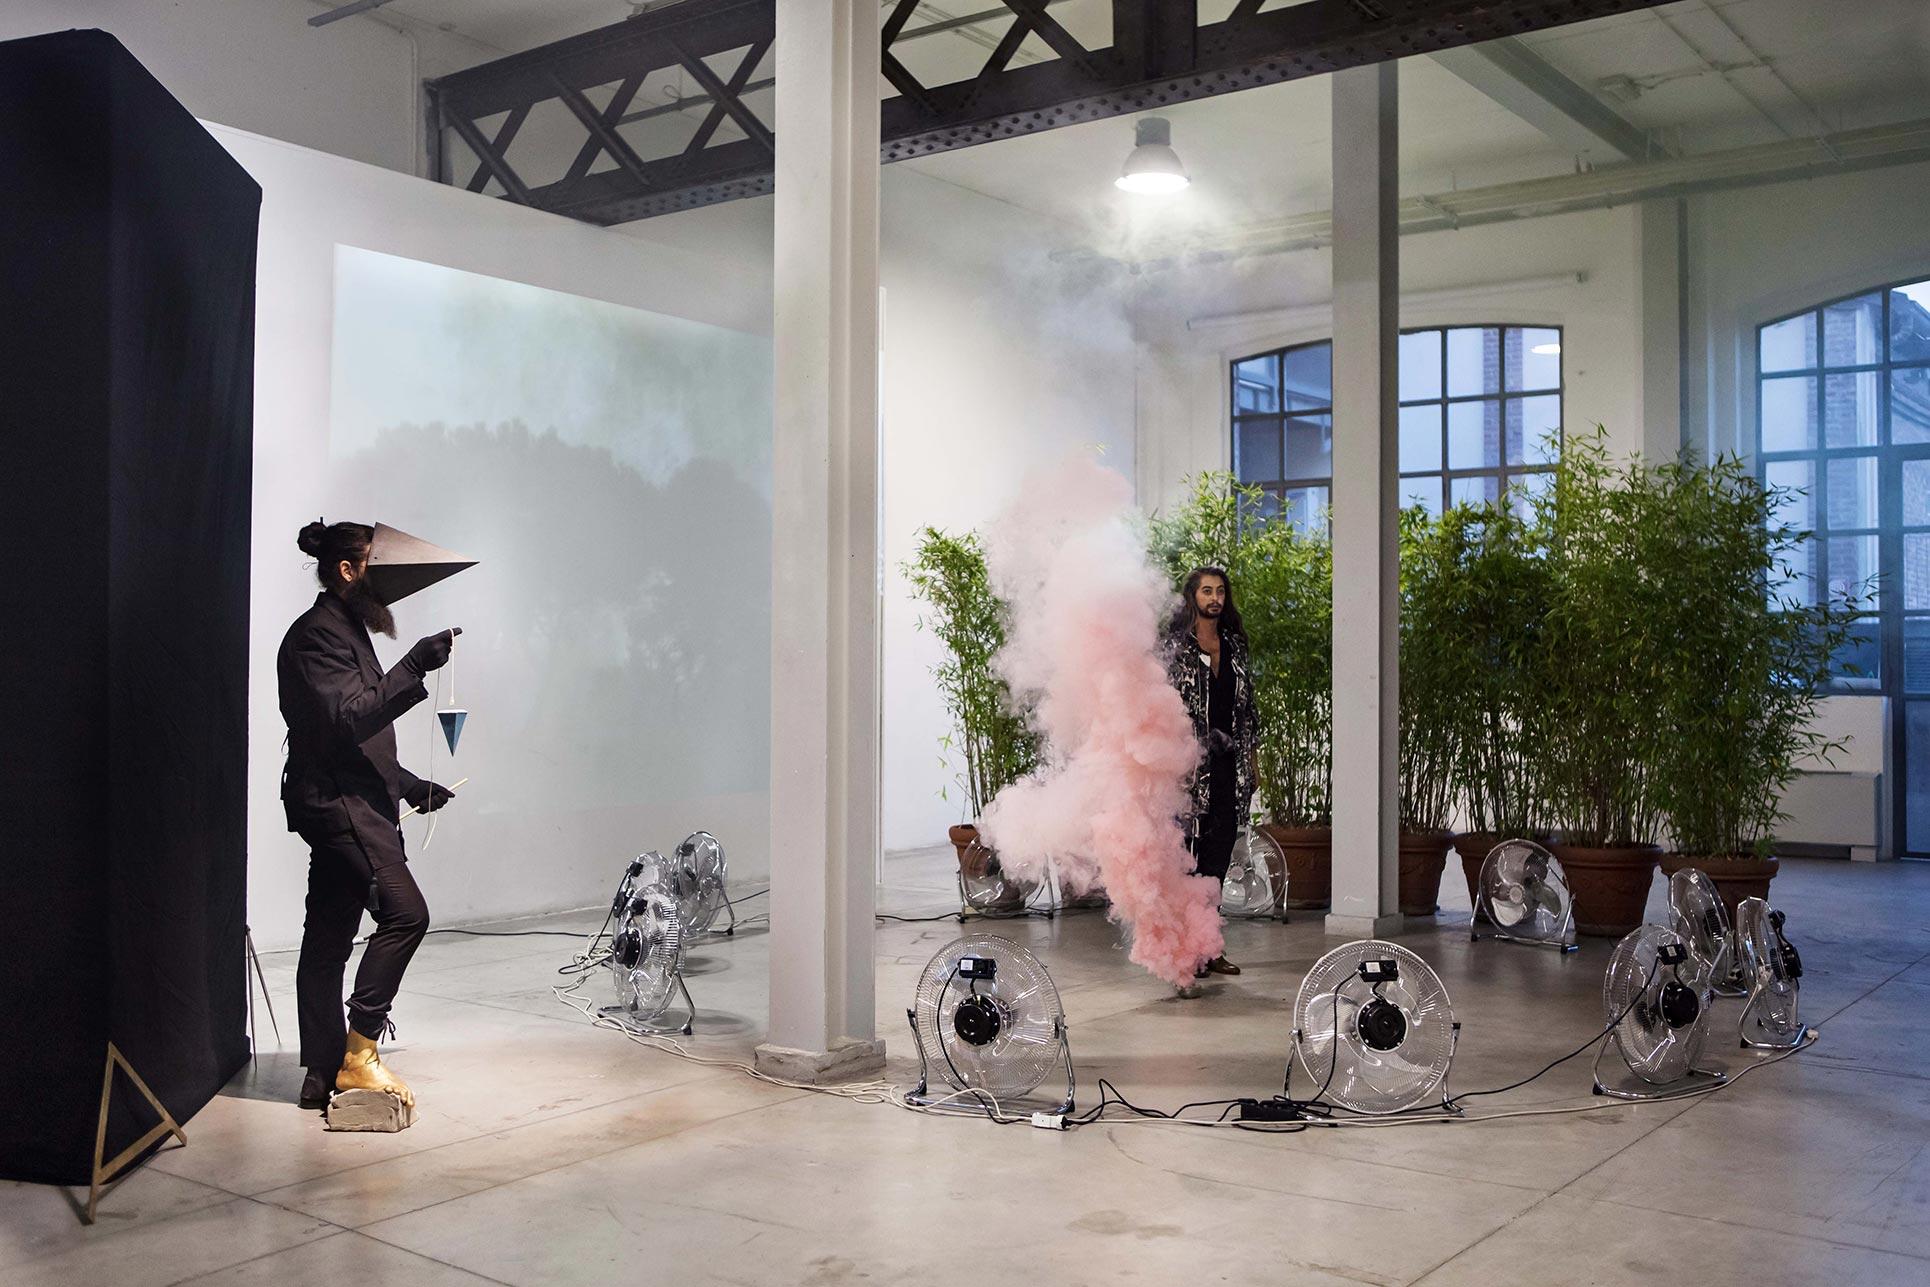 ArTransit, Performance Domenico Billari, Viafarini (Photo: Nicolò Burgassi)